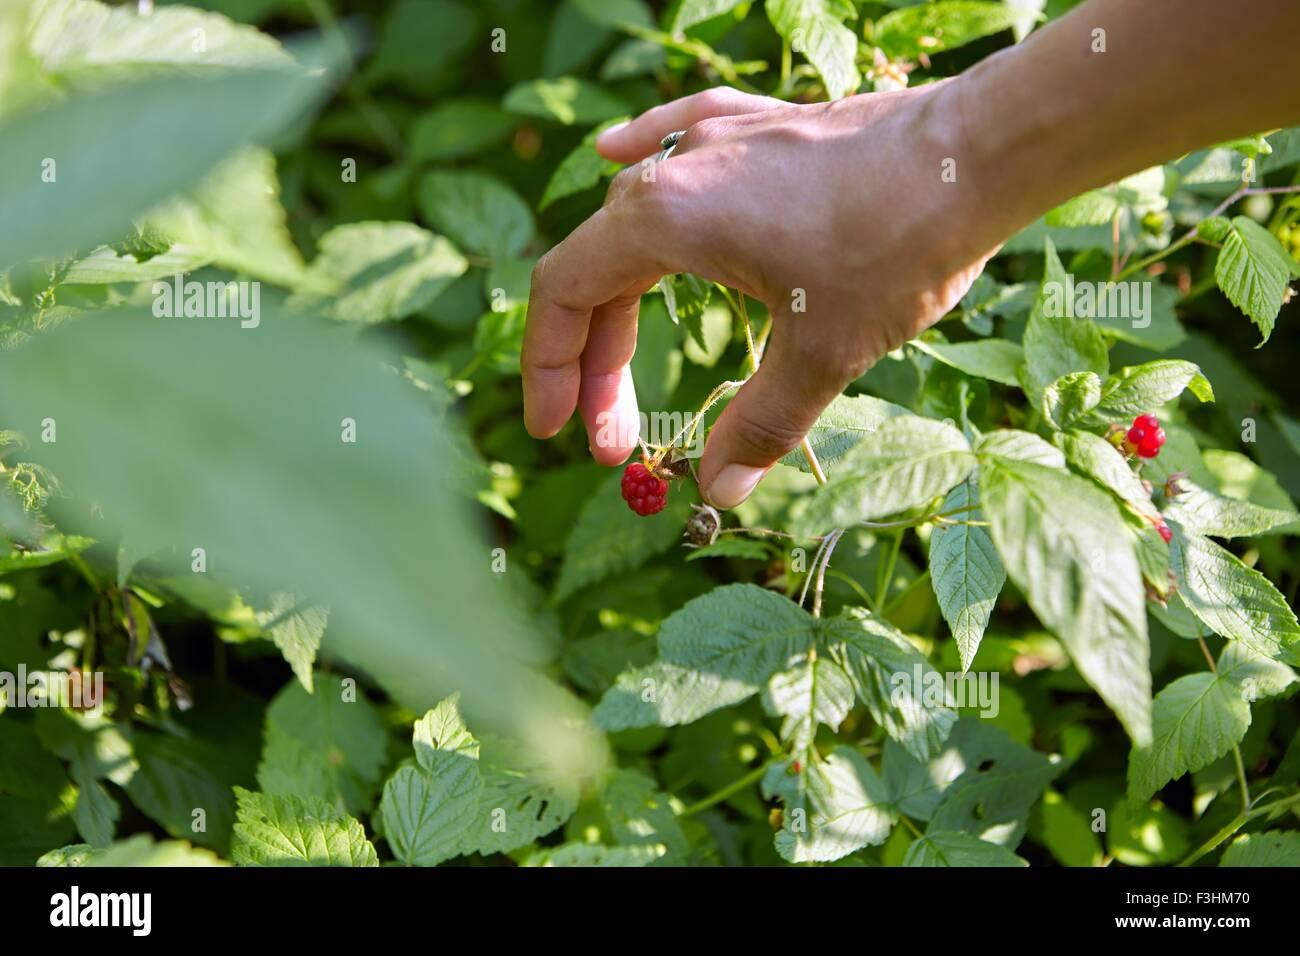 Mano de mujer recogiendo frambuesa. Imagen De Stock